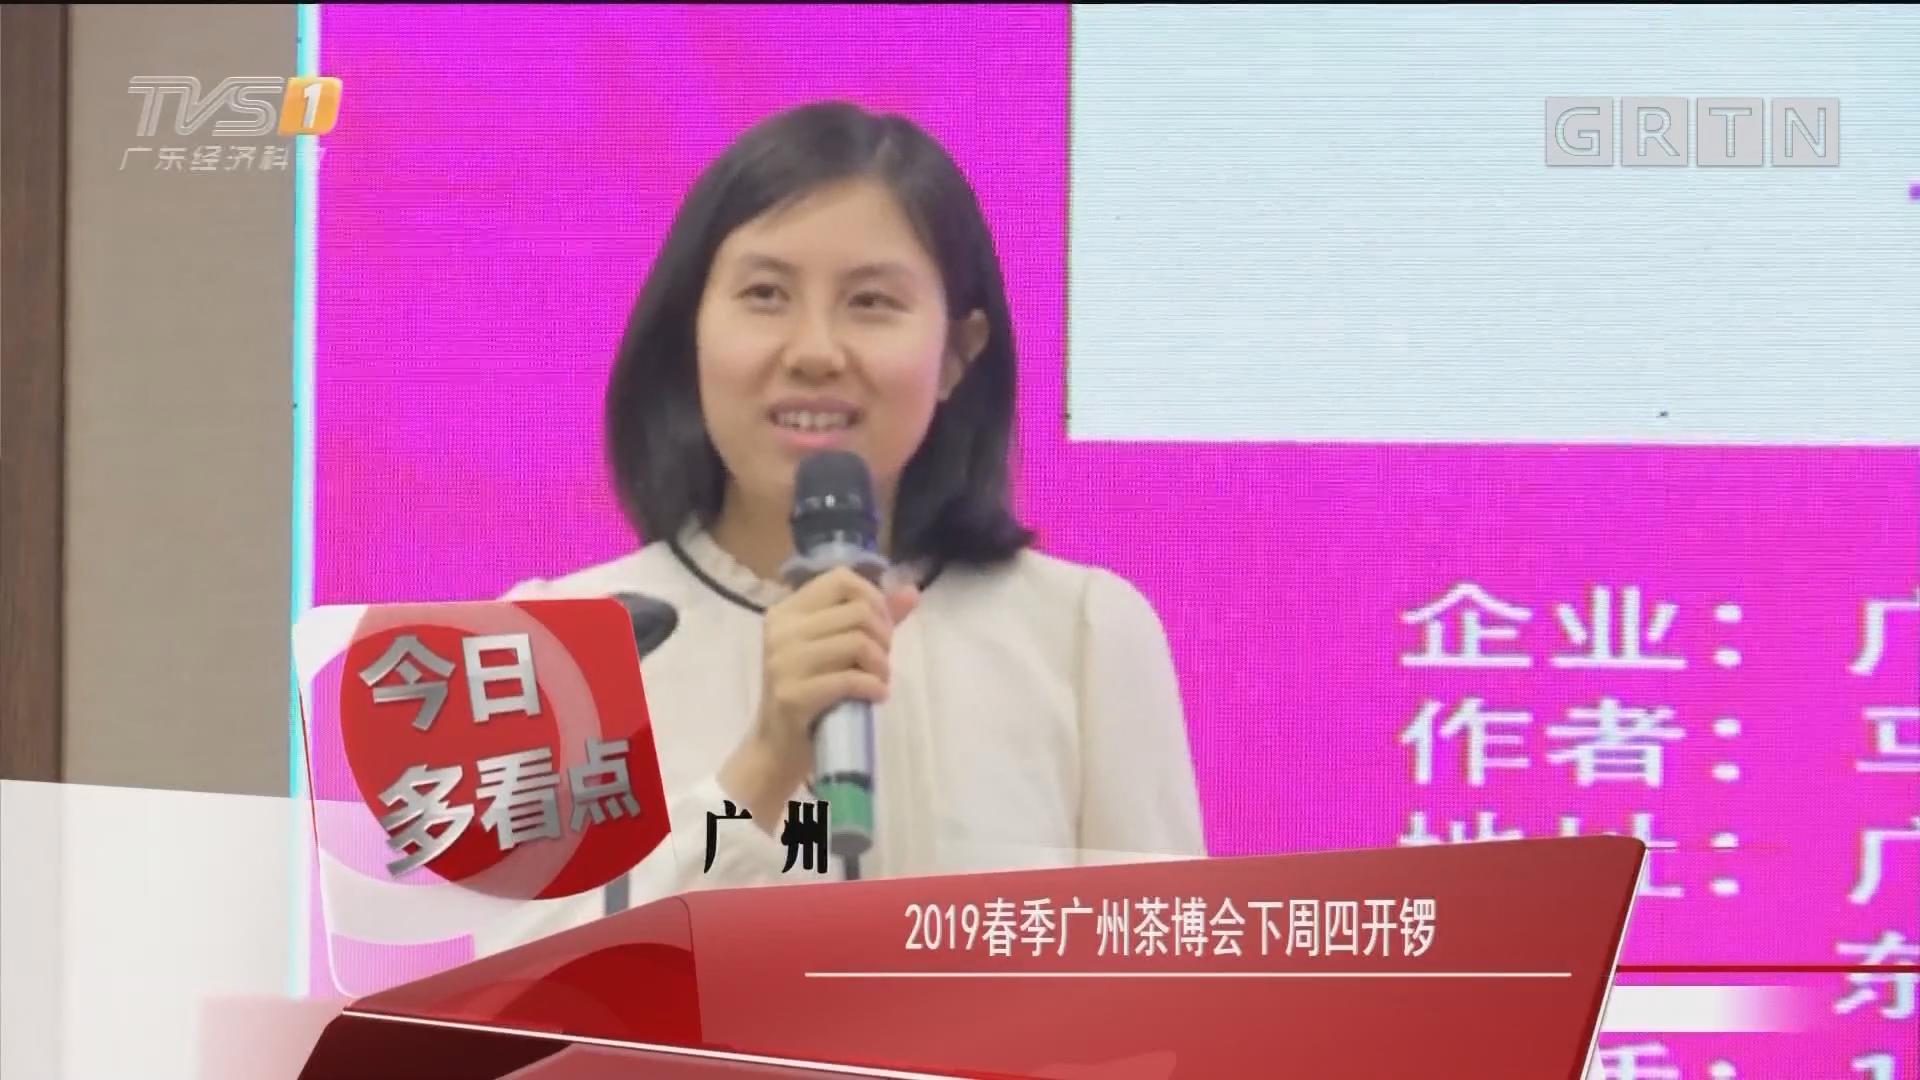 广州:2019春季广州茶博会下周四开锣